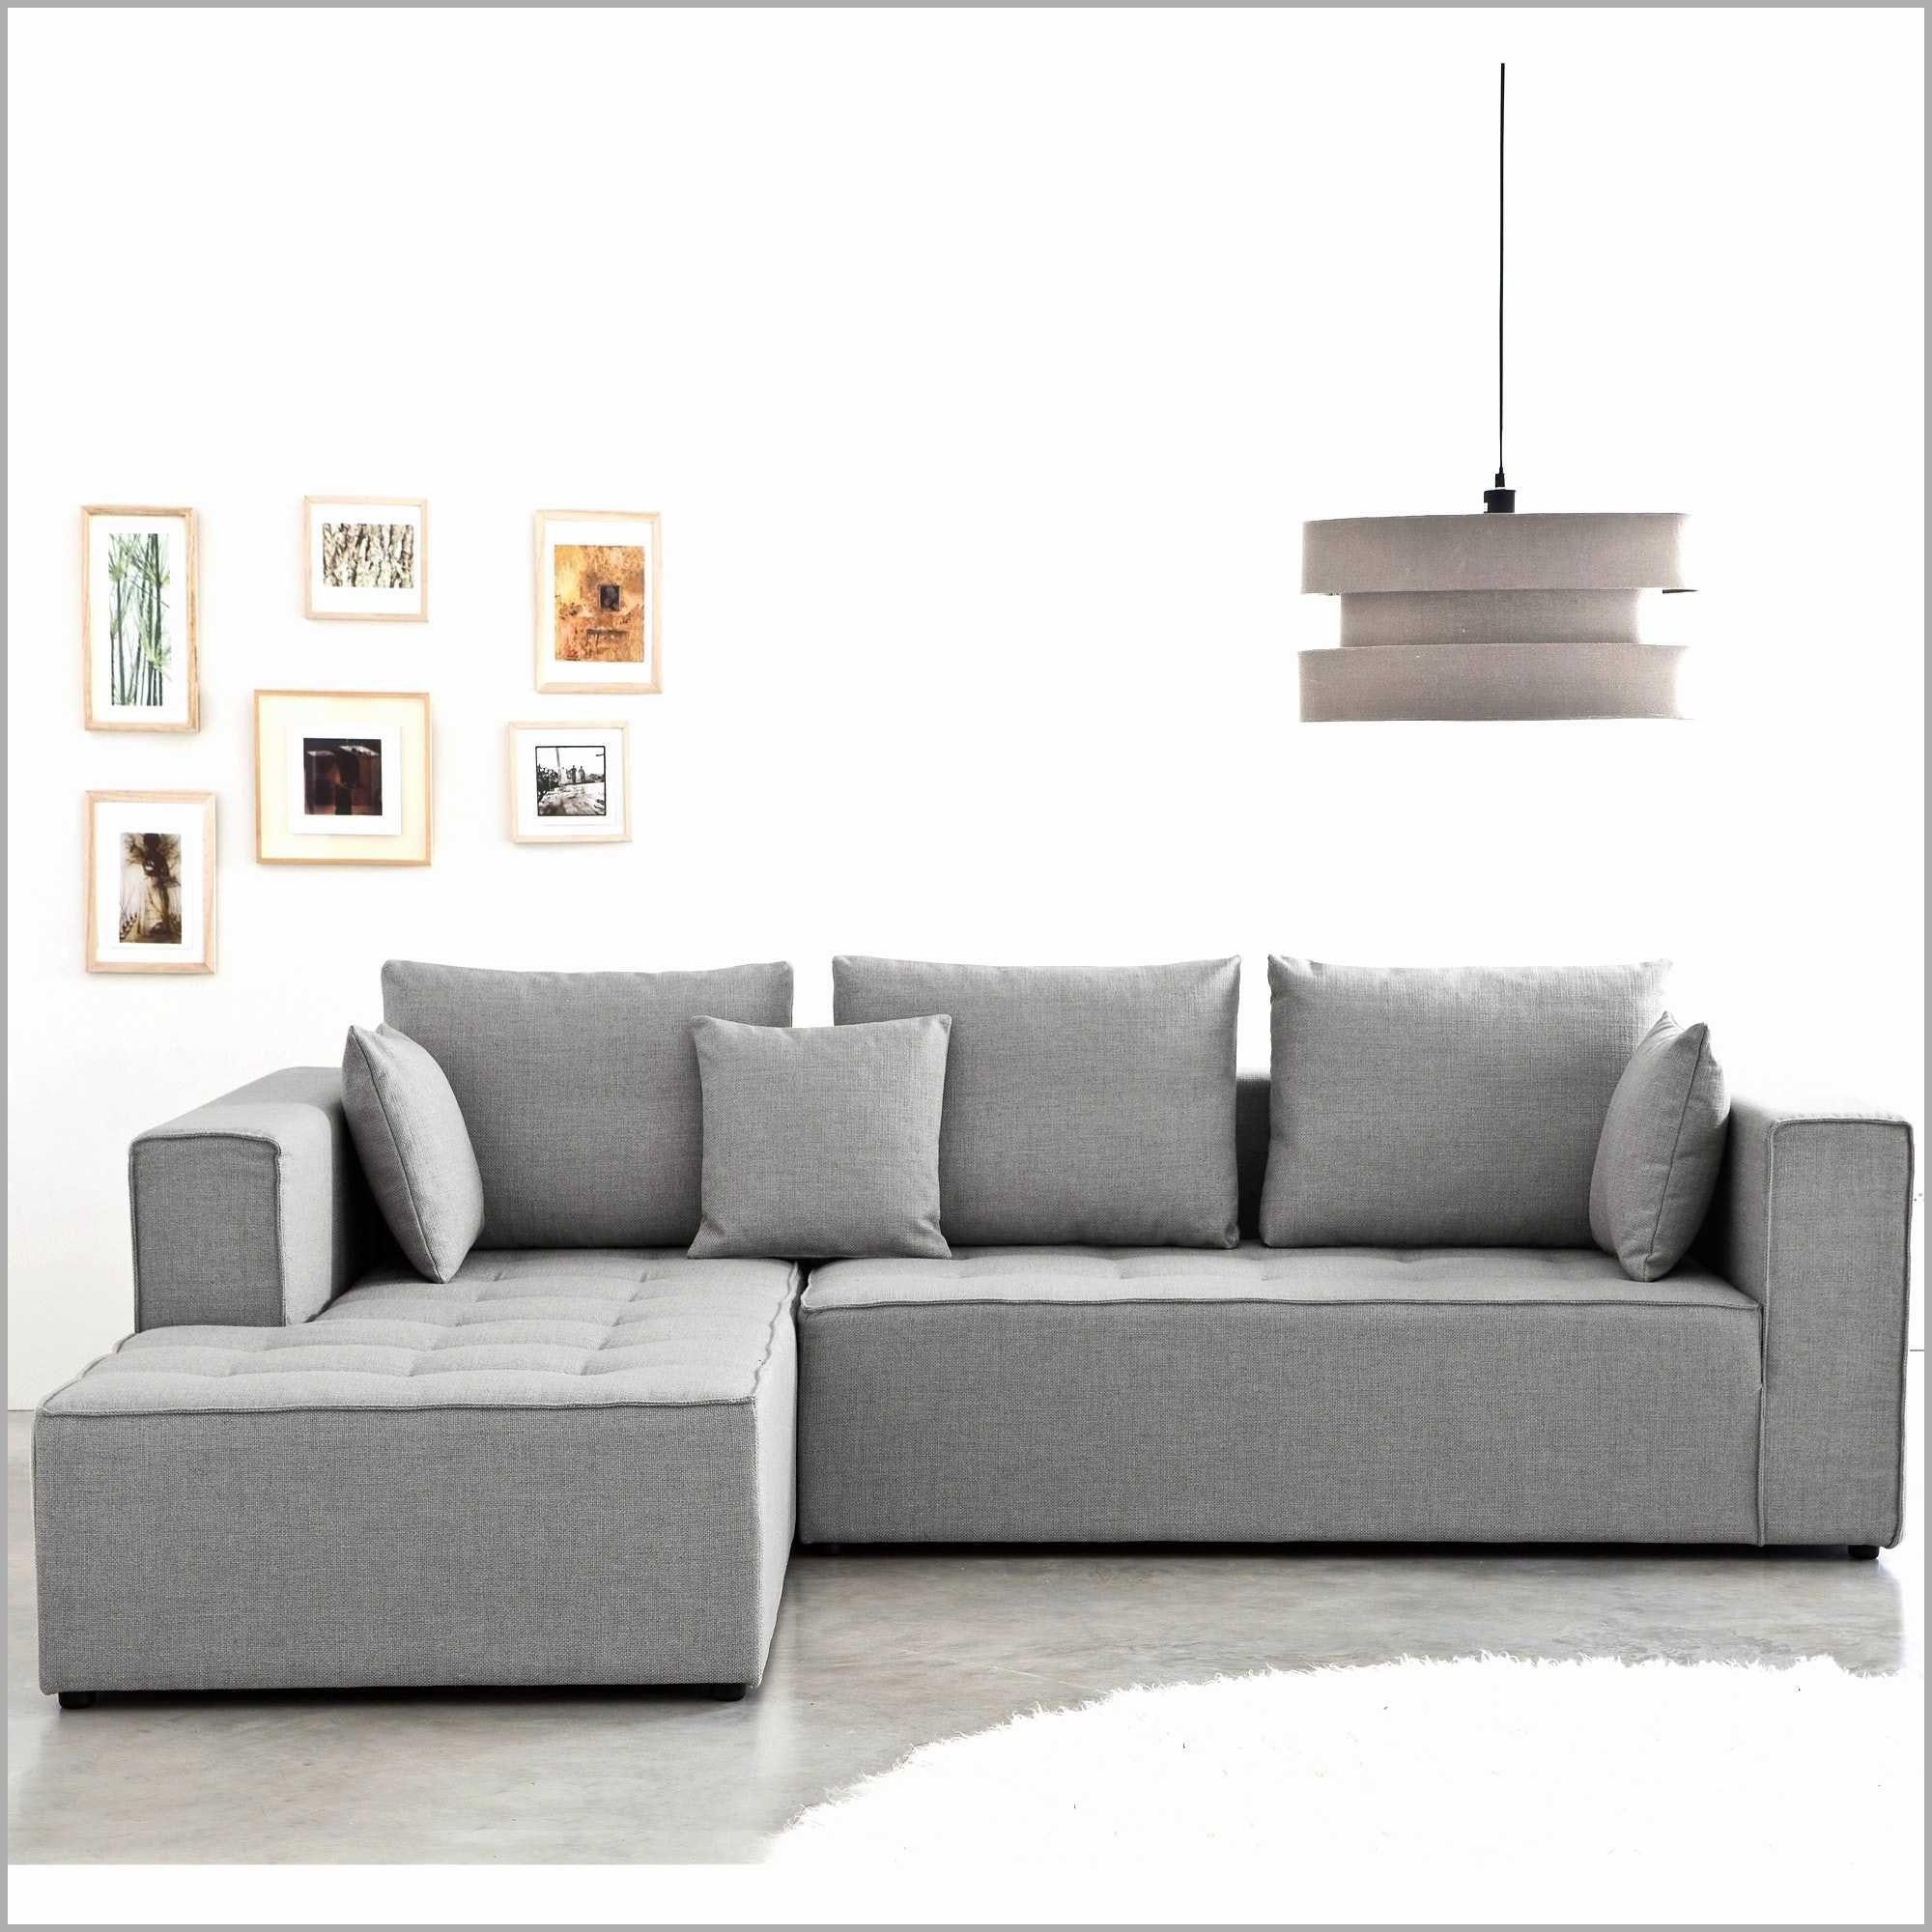 Canapé Lit Couchage Quotidien Ikea Impressionnant Nouveau Canapé Lit Couchage Quoti N Ikea 61 Idées De Design